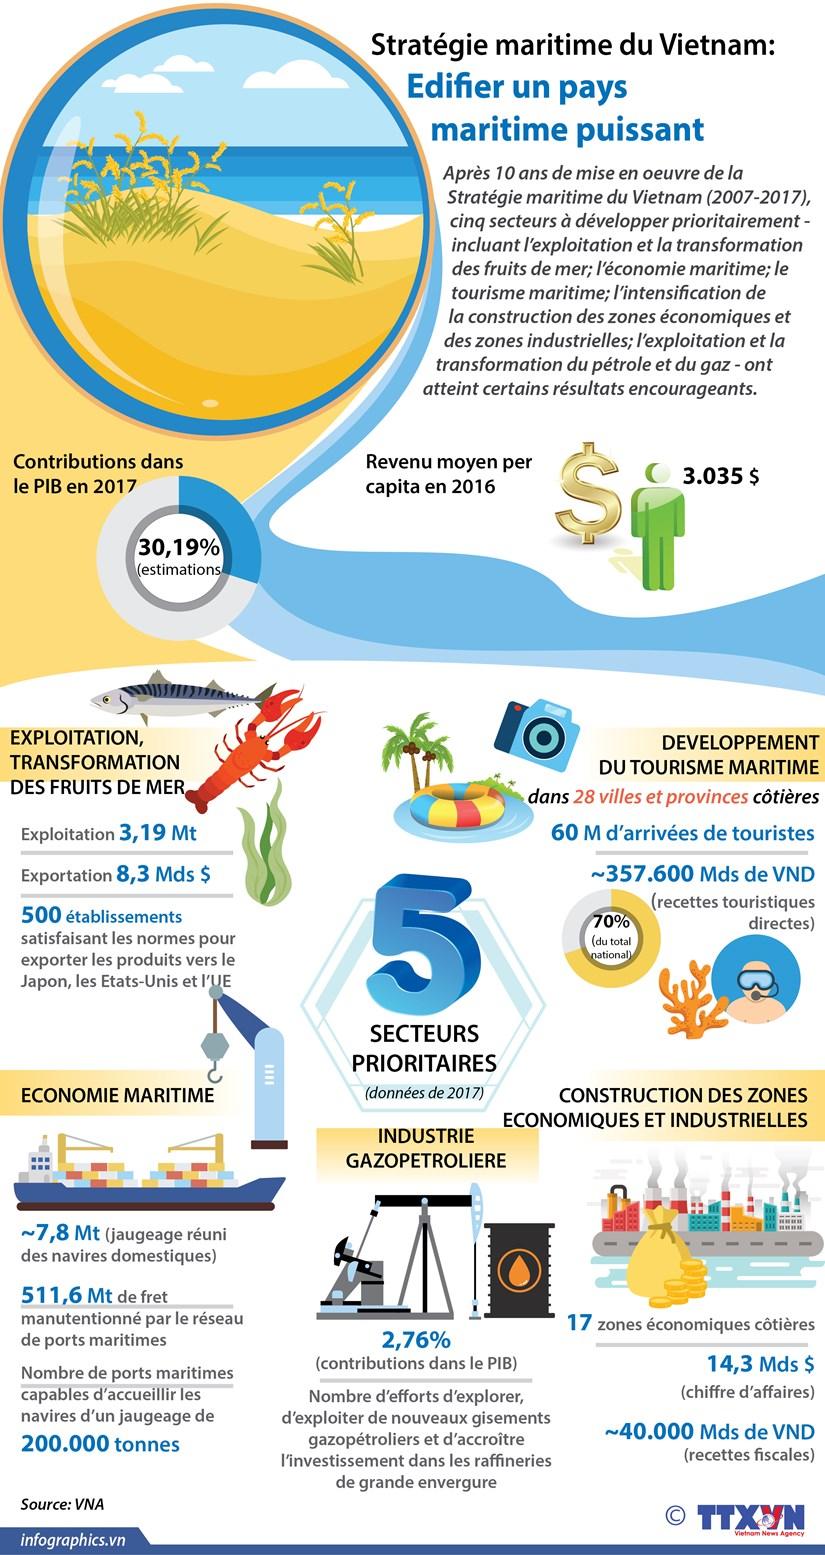 [Infographie] Strategie maritime du Vietnam : Edififier un pays maritime puissant hinh anh 1